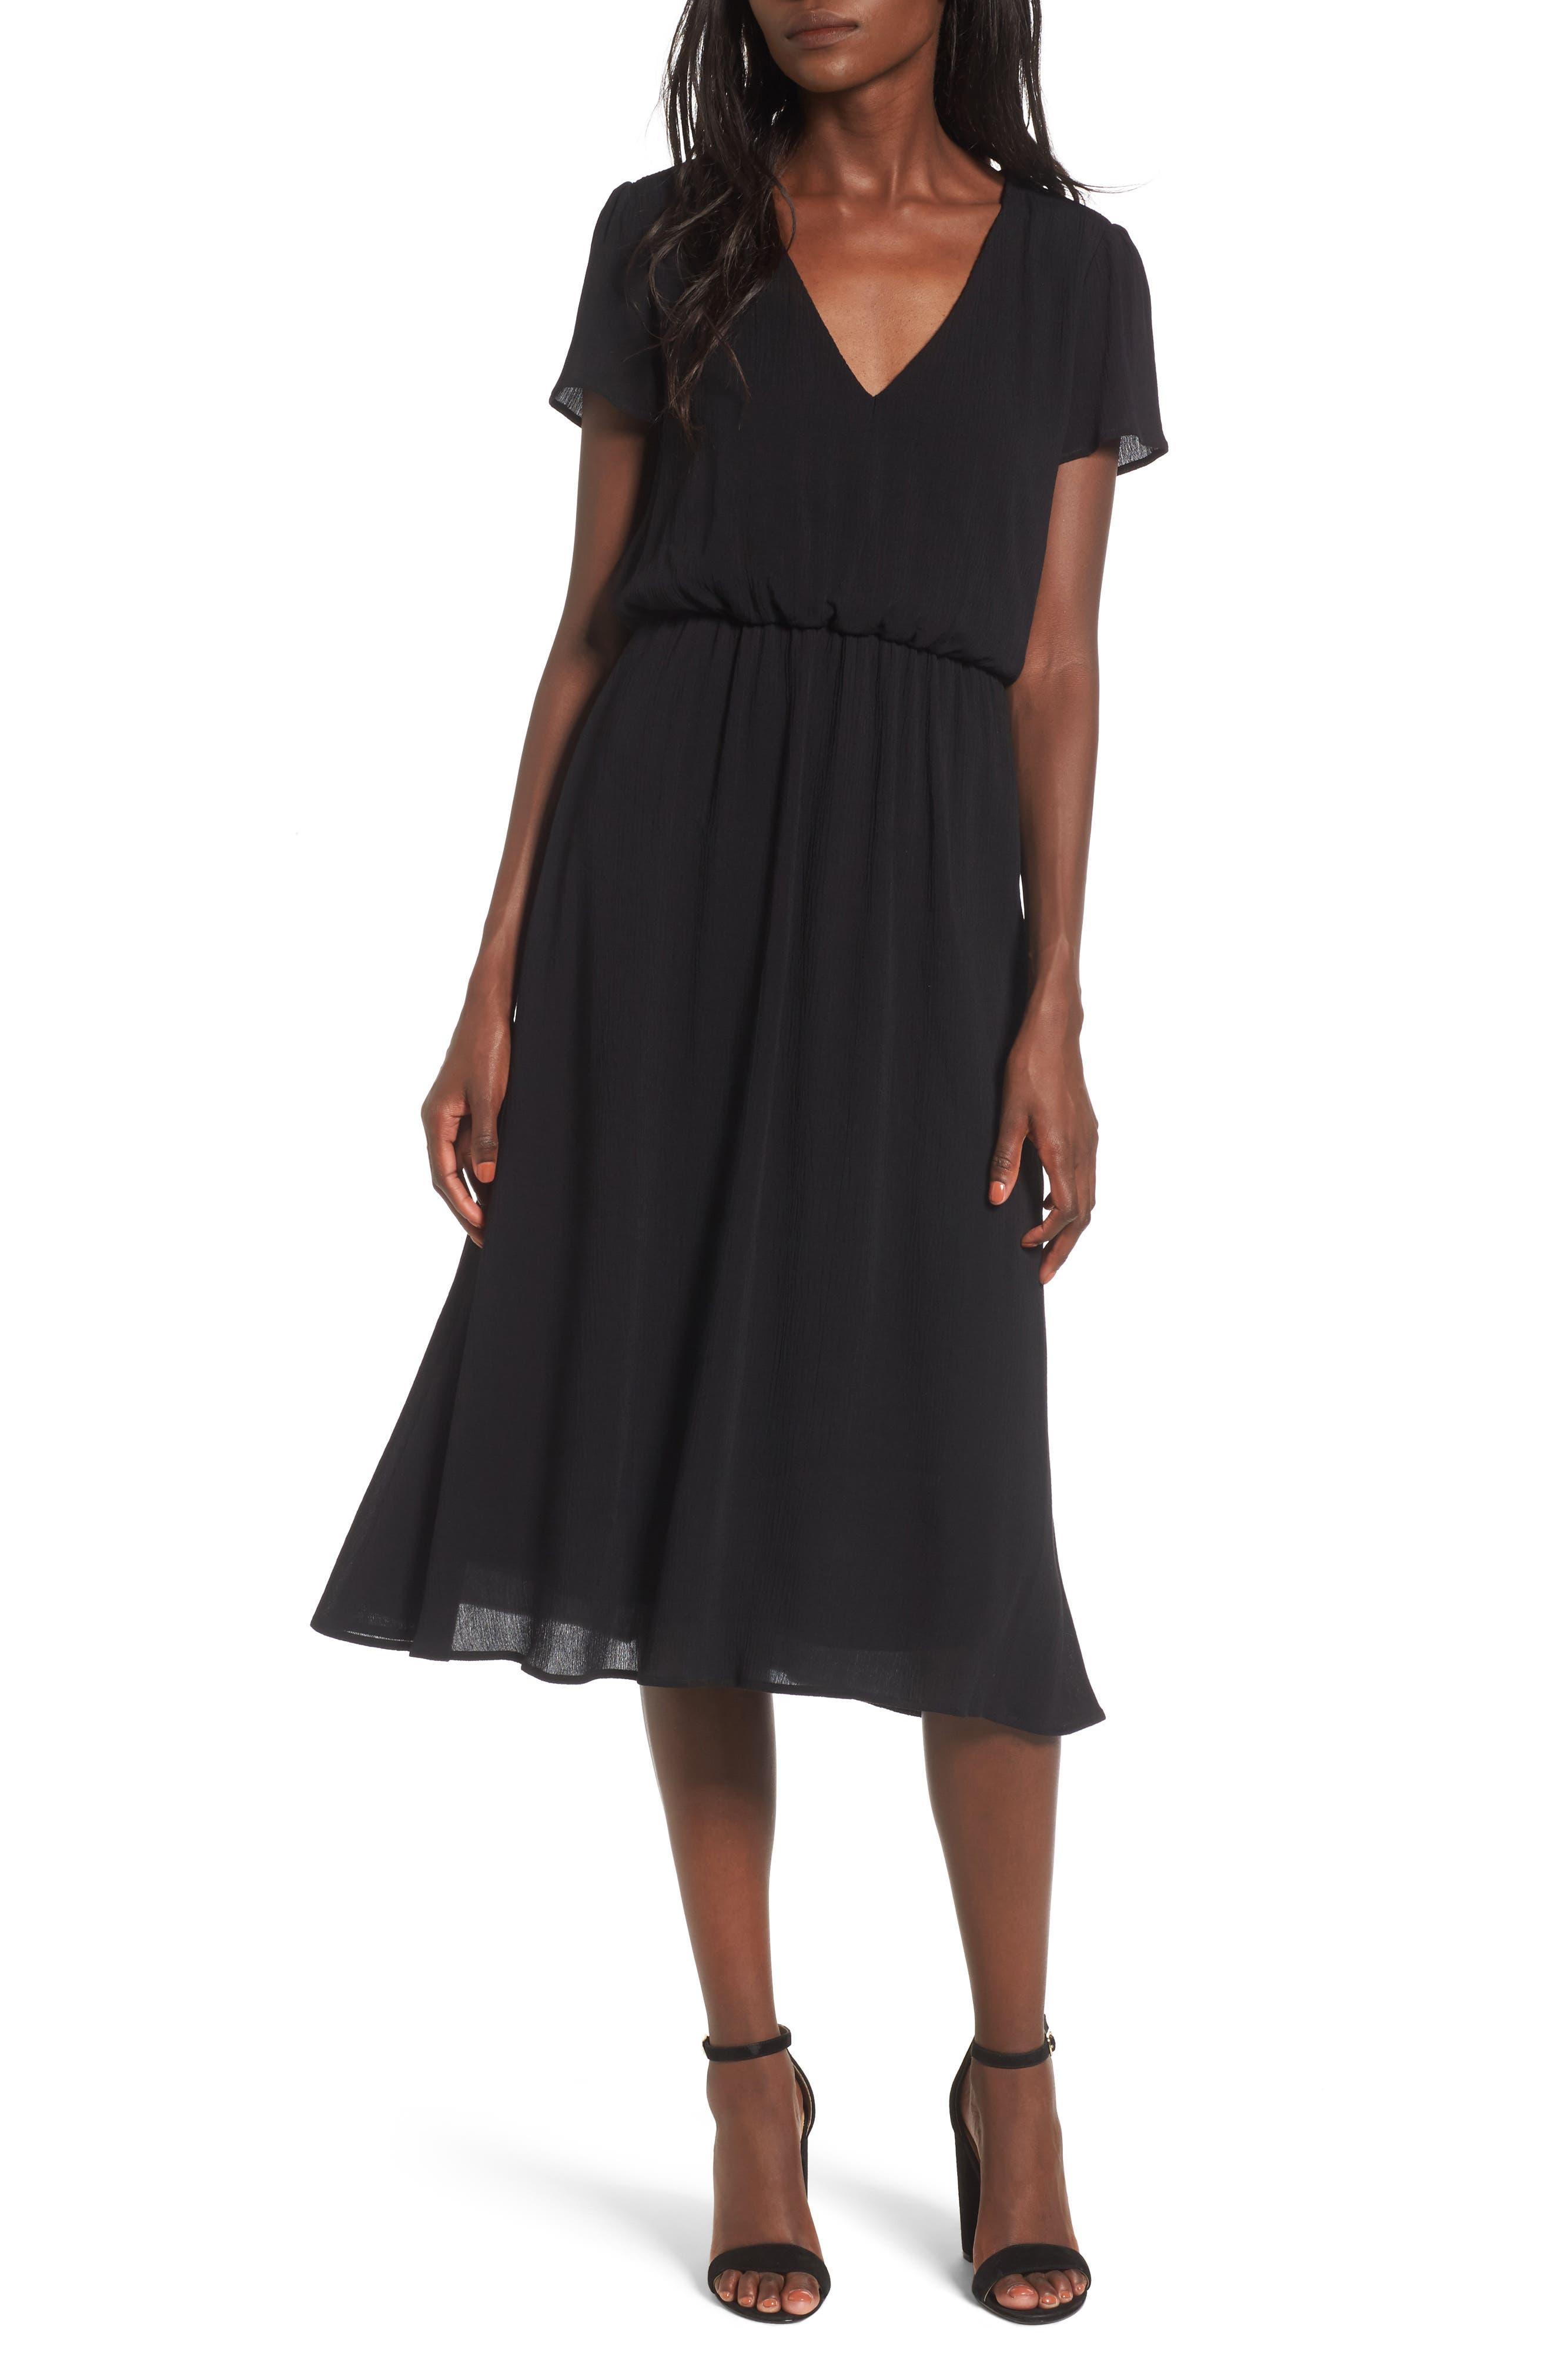 WAYF, Blouson Midi Dress, Main thumbnail 1, color, BLACK